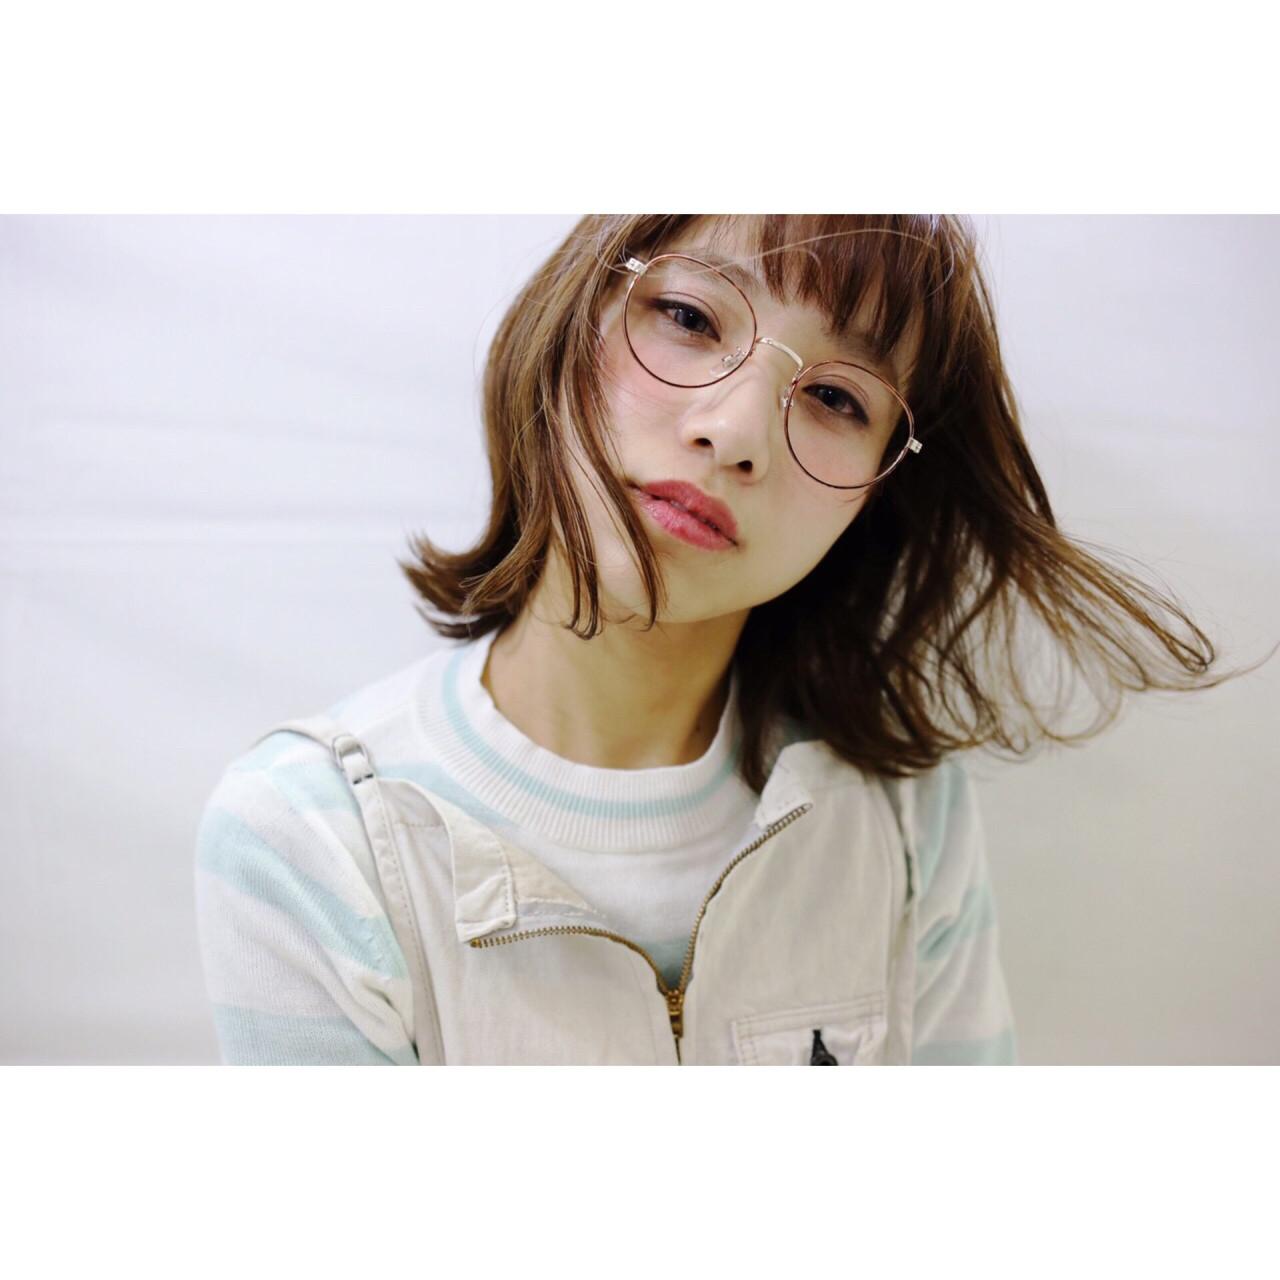 外ハネ ボブ ストリート ハイライト ヘアスタイルや髪型の写真・画像 | Miki /